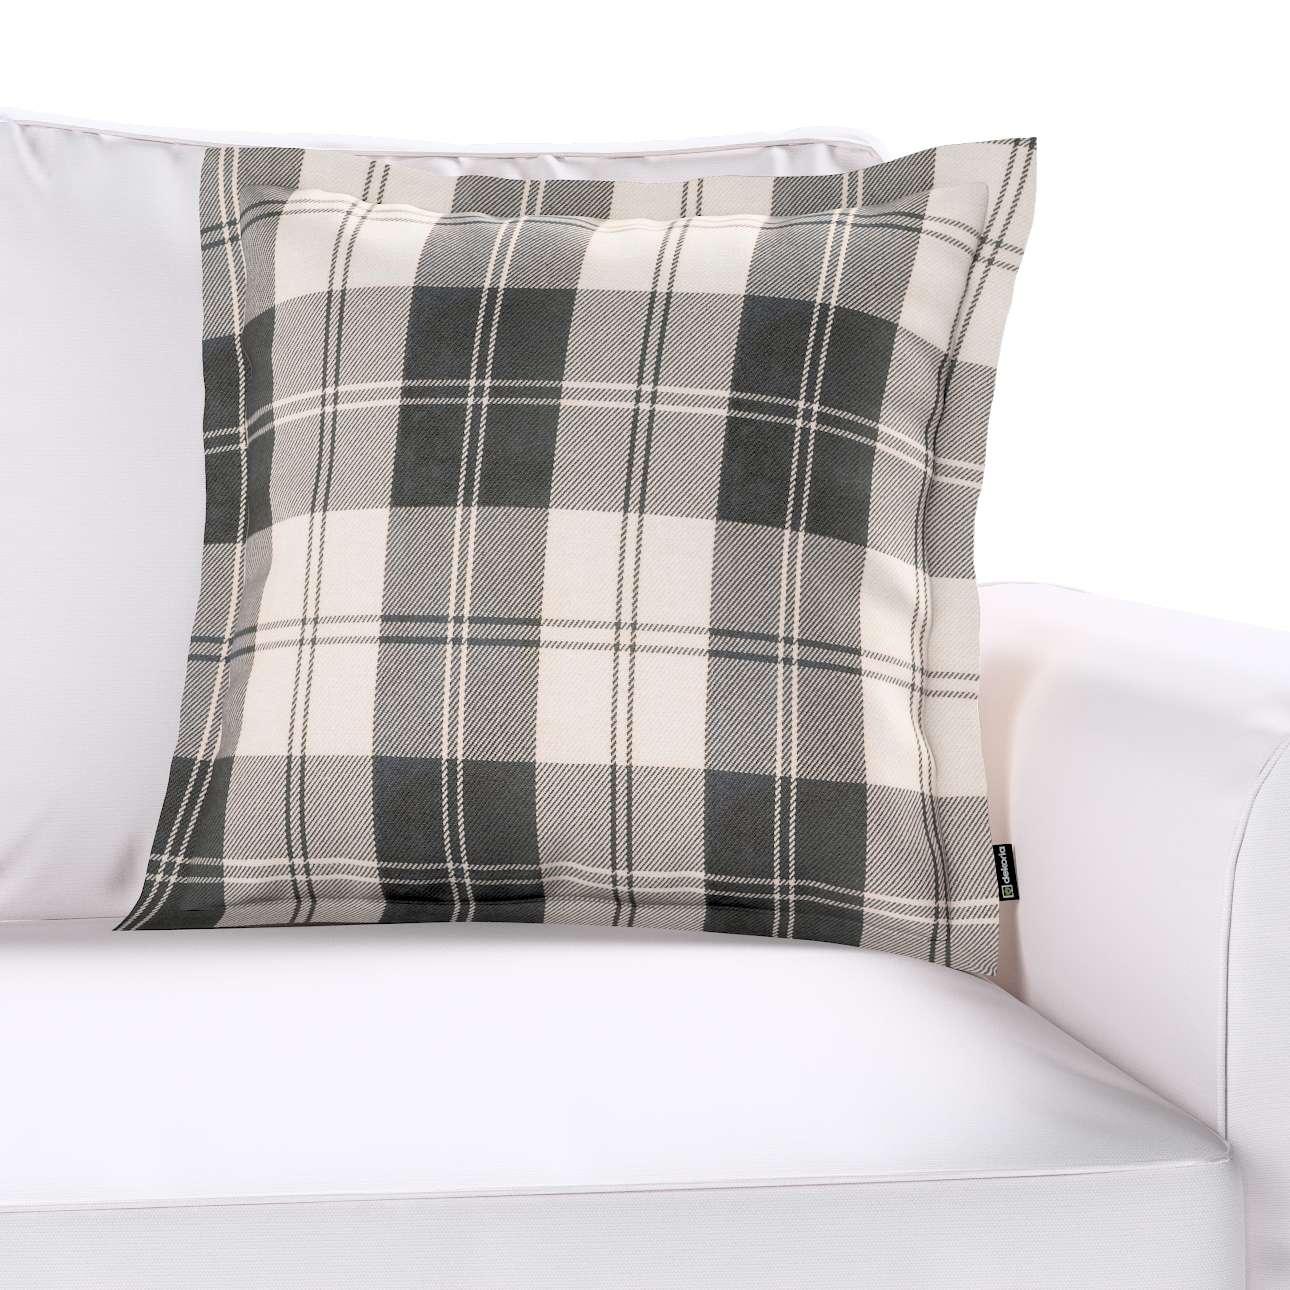 kissenh lle mona mit stehsaum schwarz weiss dekoria. Black Bedroom Furniture Sets. Home Design Ideas